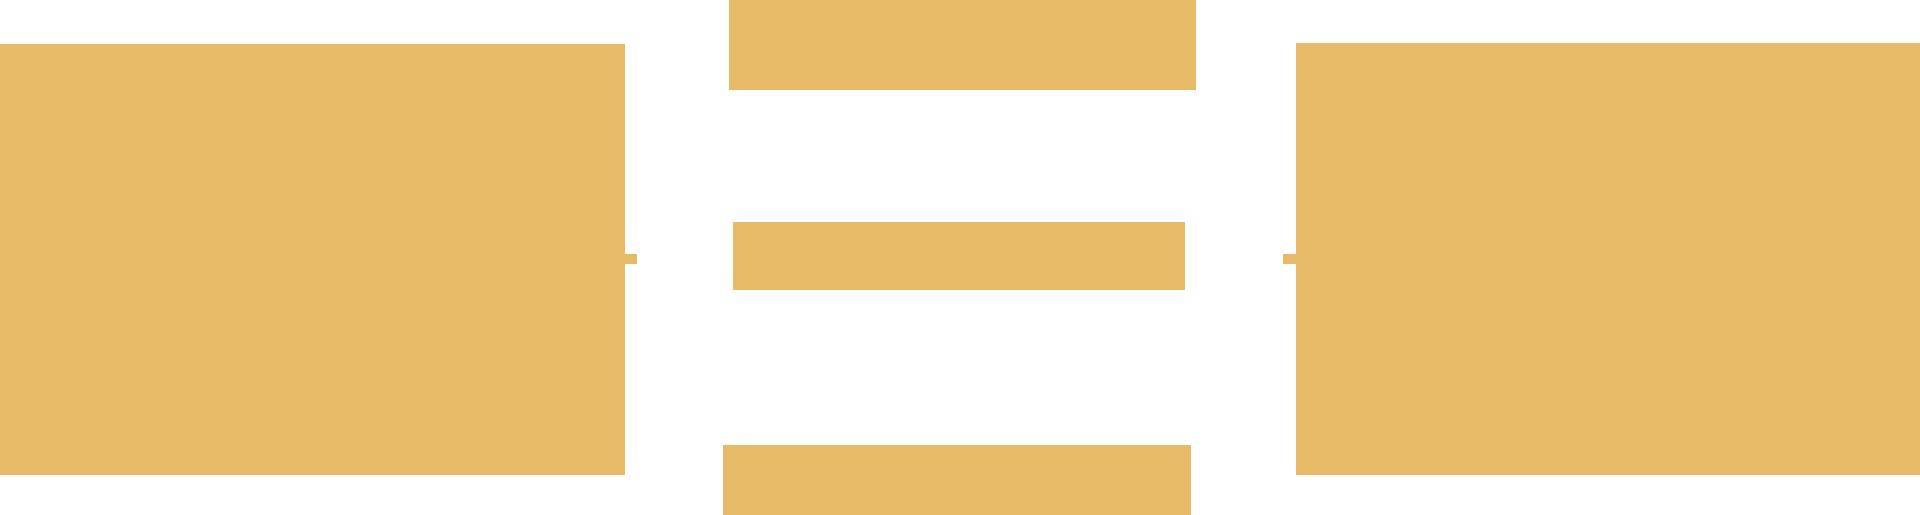 Tecnologia, Resultados e Segurança